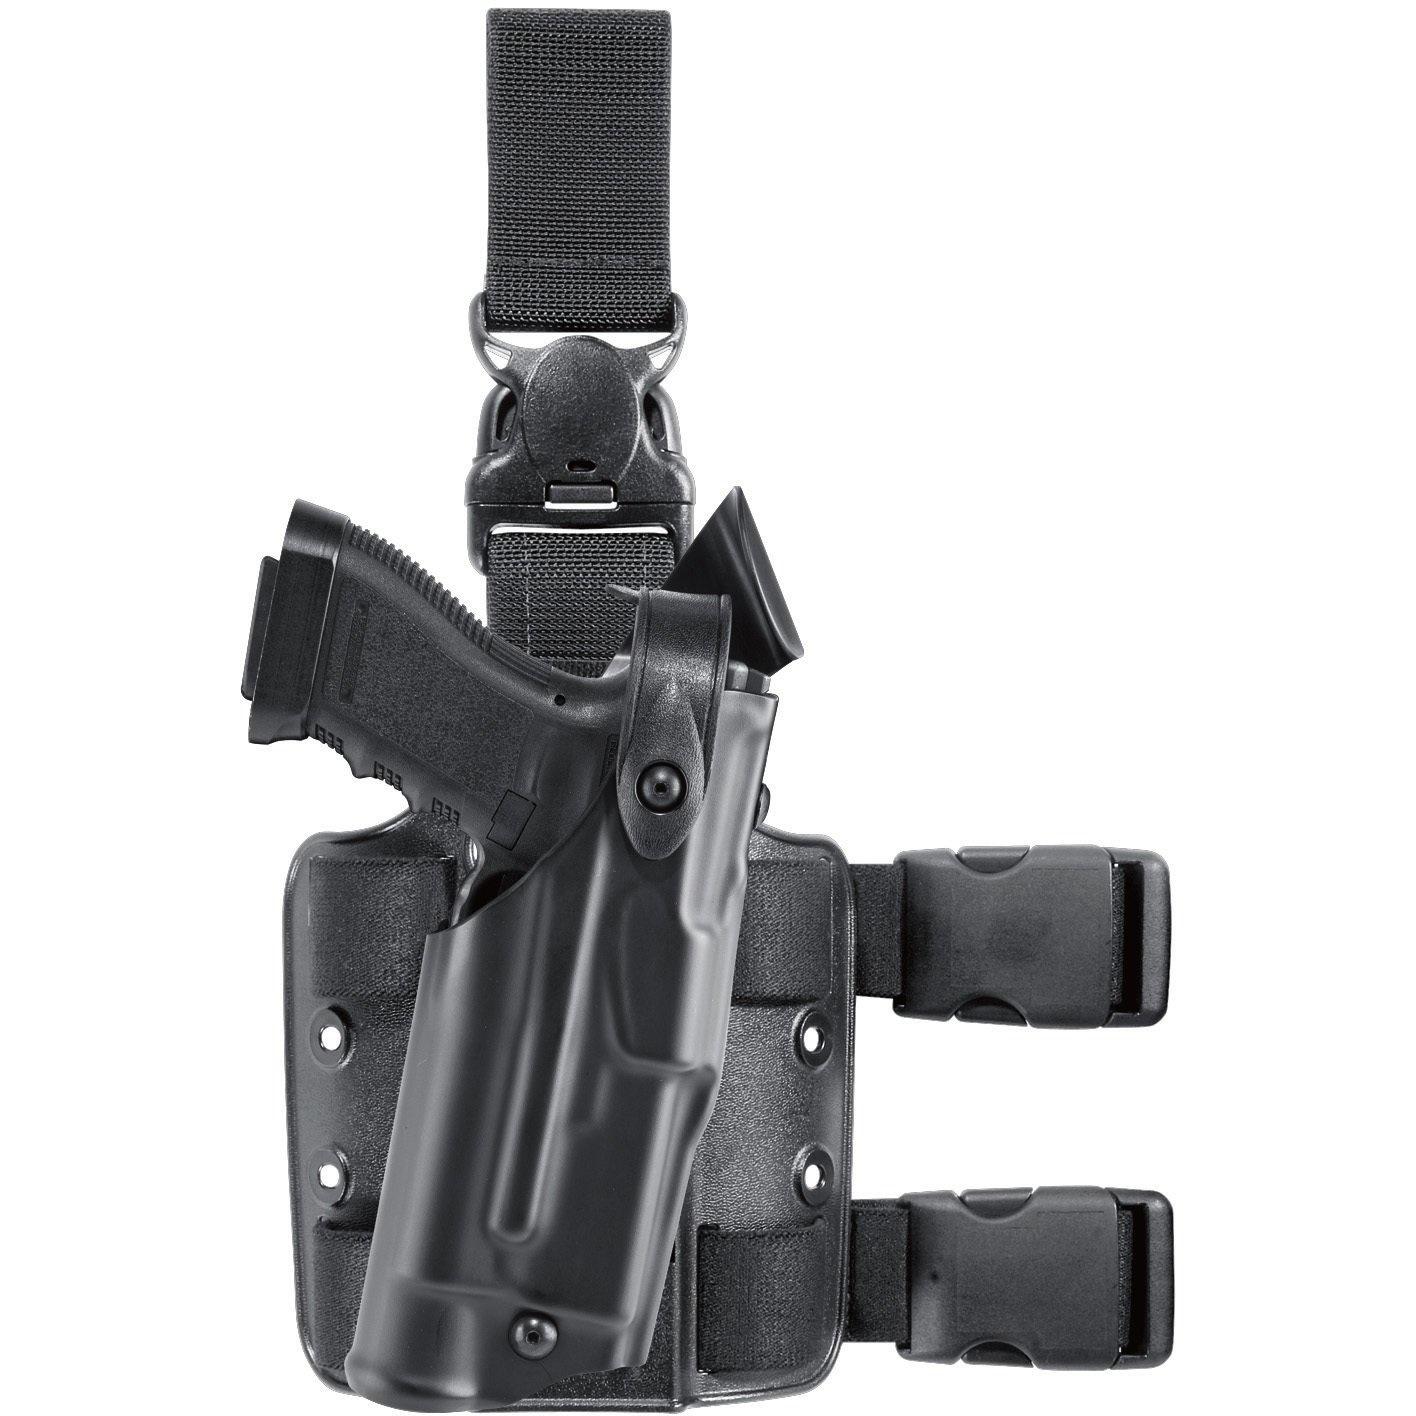 6305 ALS®/SLS Tactical holster w/quick release leg strap